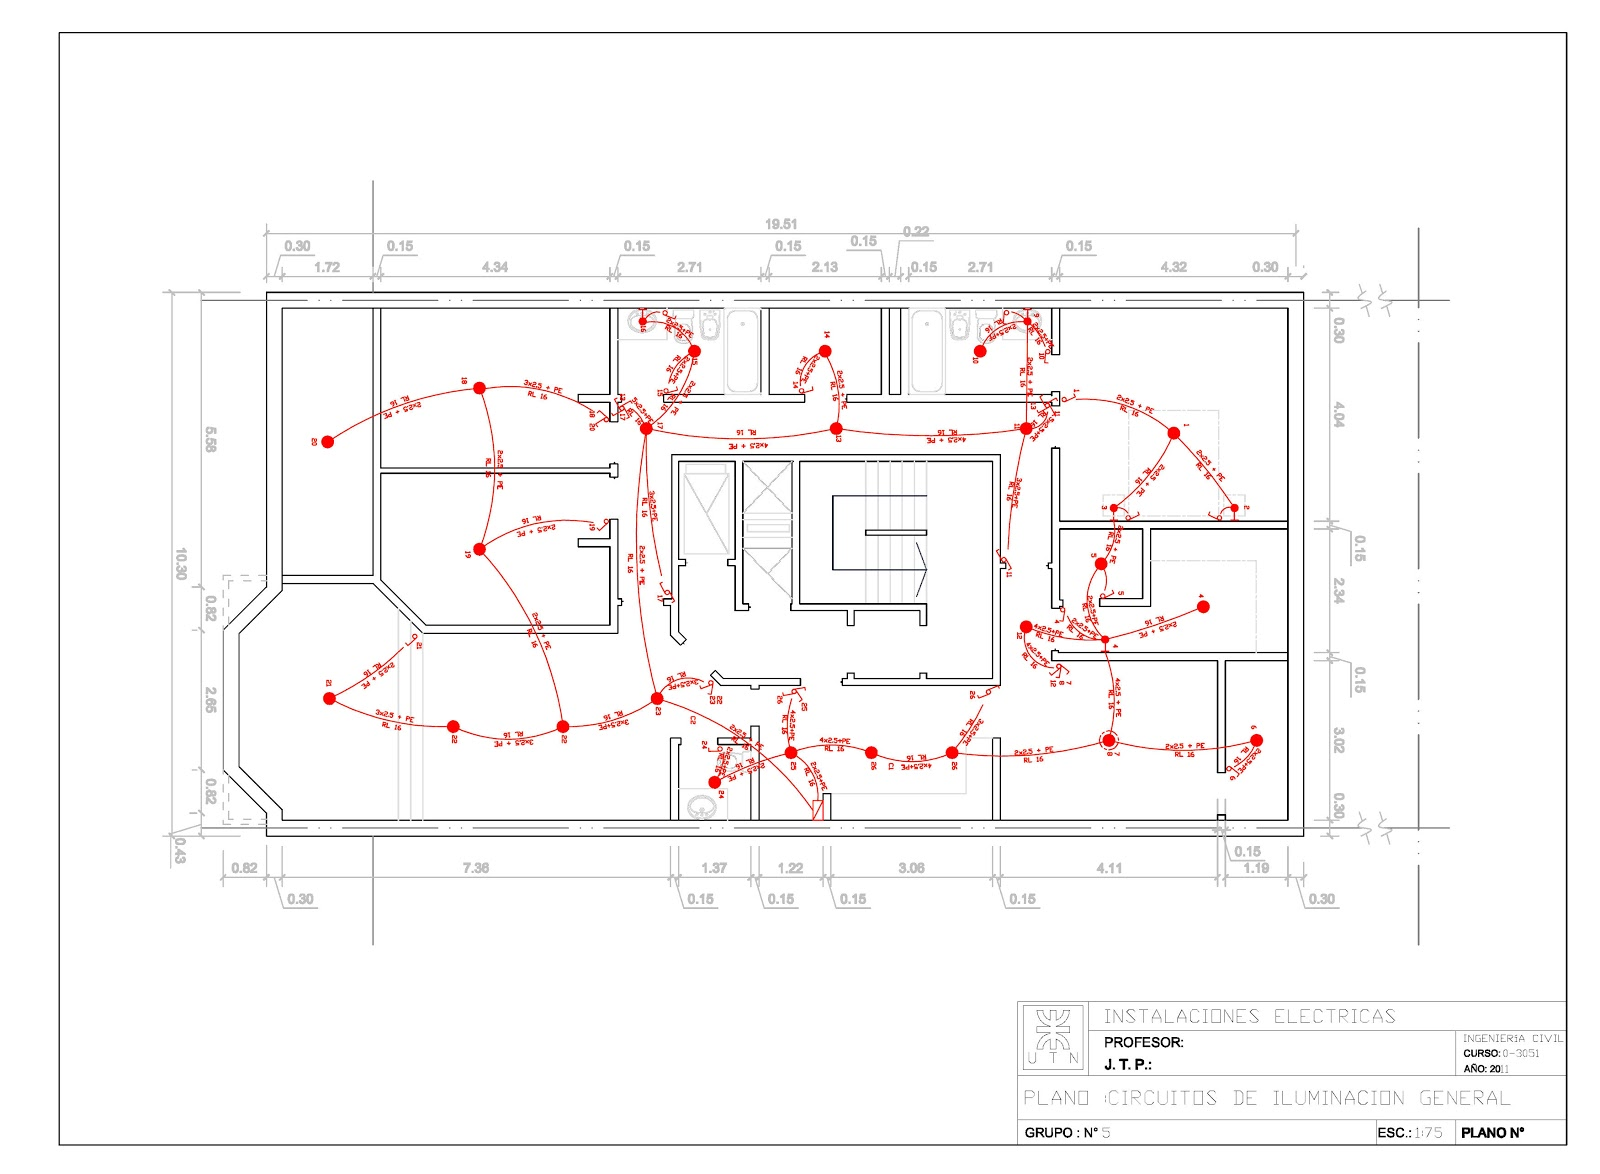 detalles constructivos cad planos de instalaci n el ctrica ForPlano Instalacion Electrica